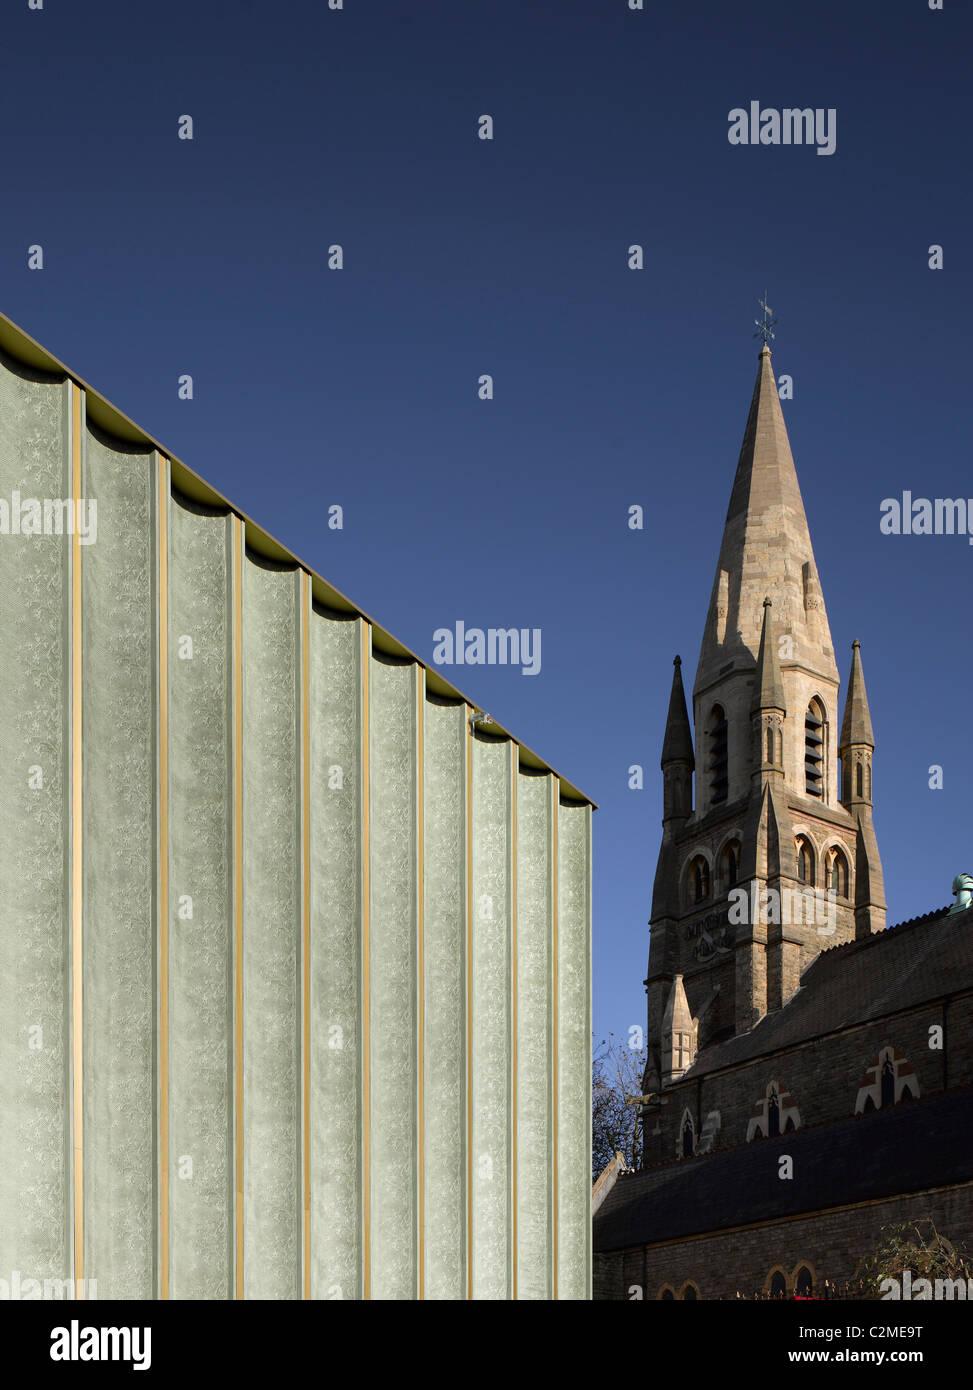 Nottingham Contemporary, Fassade der Spitze gemusterten Oberfläche von Betonfertigteilen inspiriert durch die Stockbild